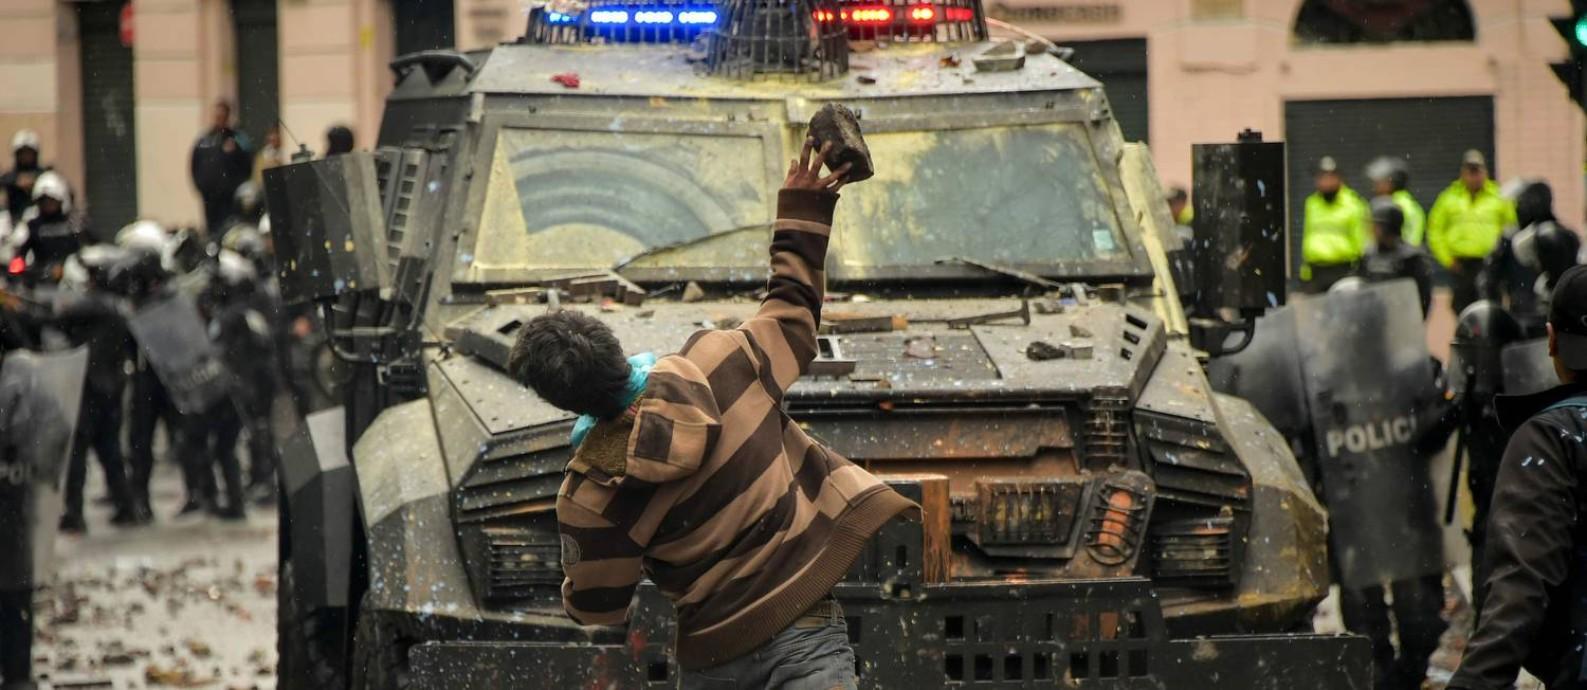 Em Quito, manifestante atira pedra contra blindado das forças de segurança do Equador em protesto contra a política econômica e a alta dos combustíveis Foto: RODRIGO BUENDIA / AFP